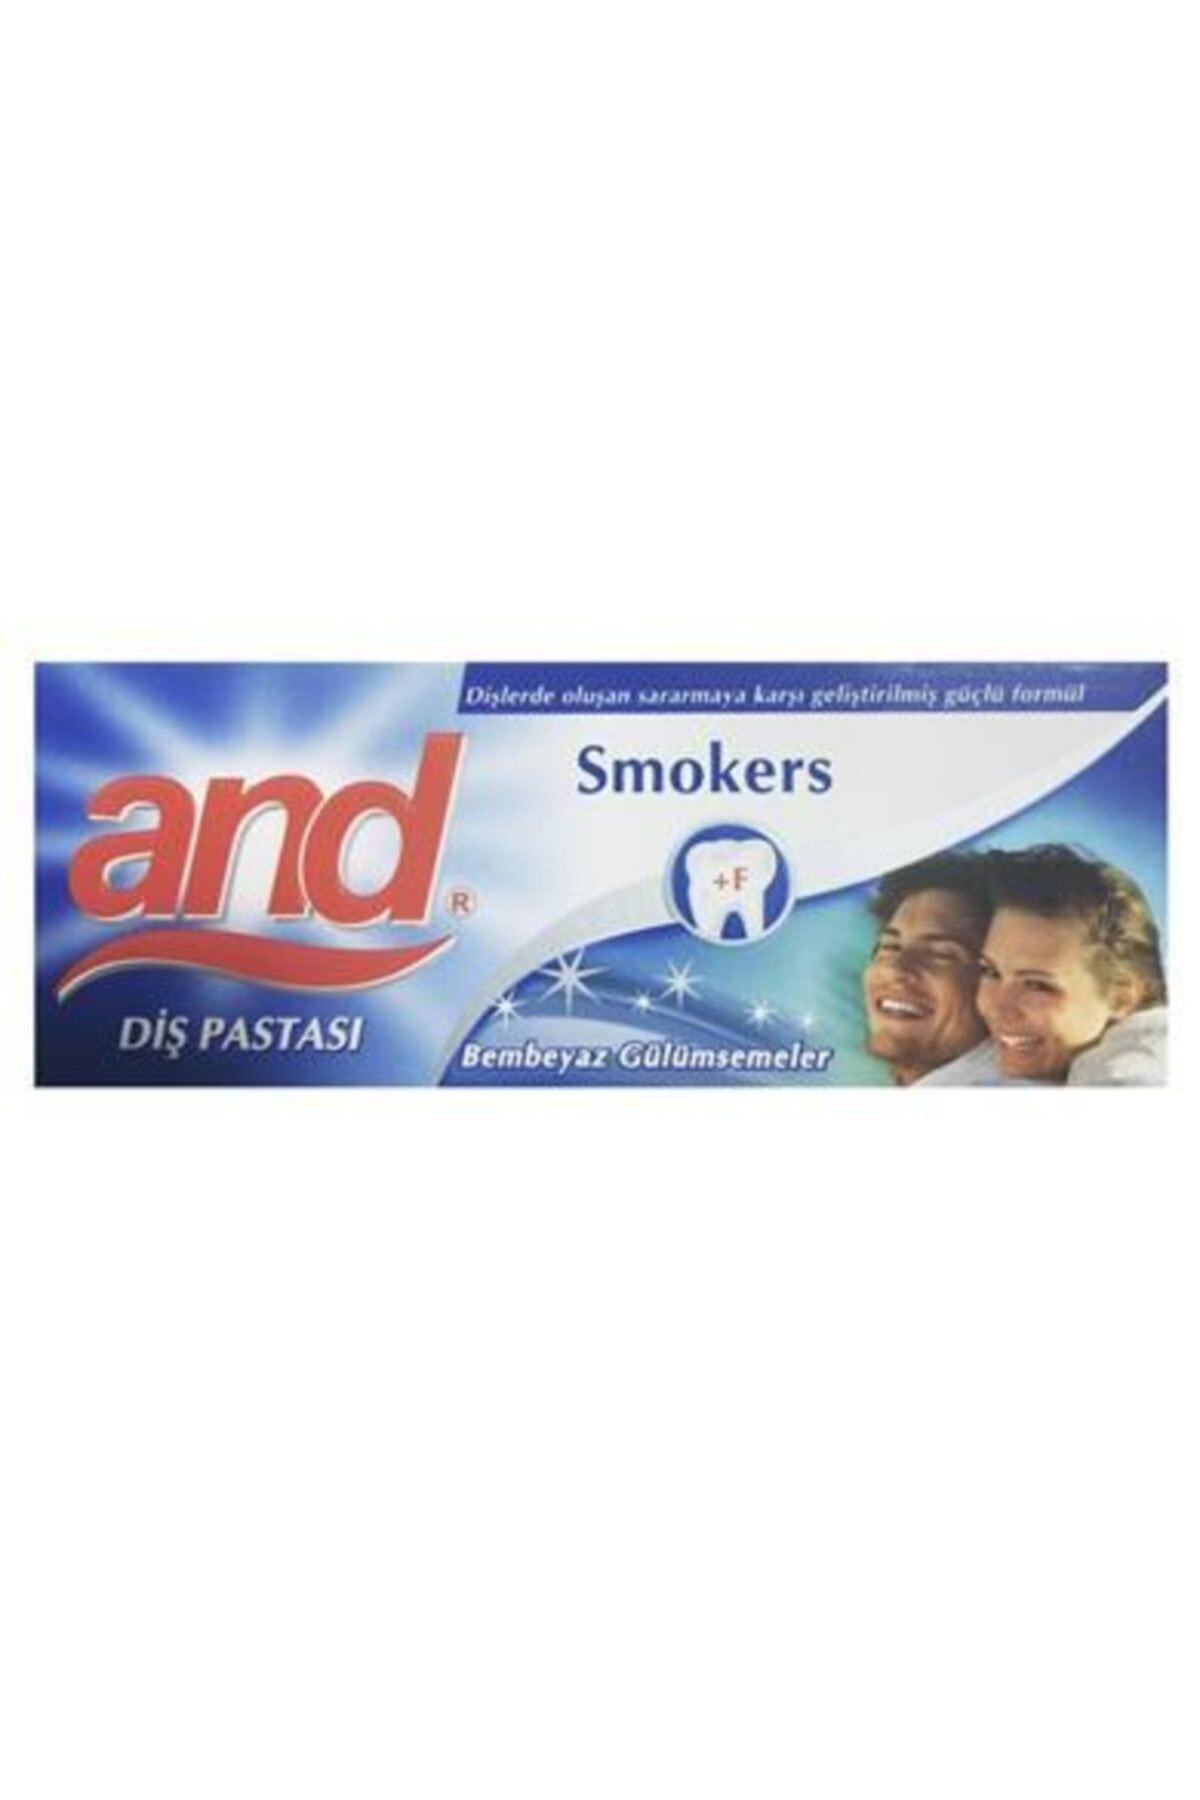 Oral-B And Dıs Pastası Smokers 90 gr 1